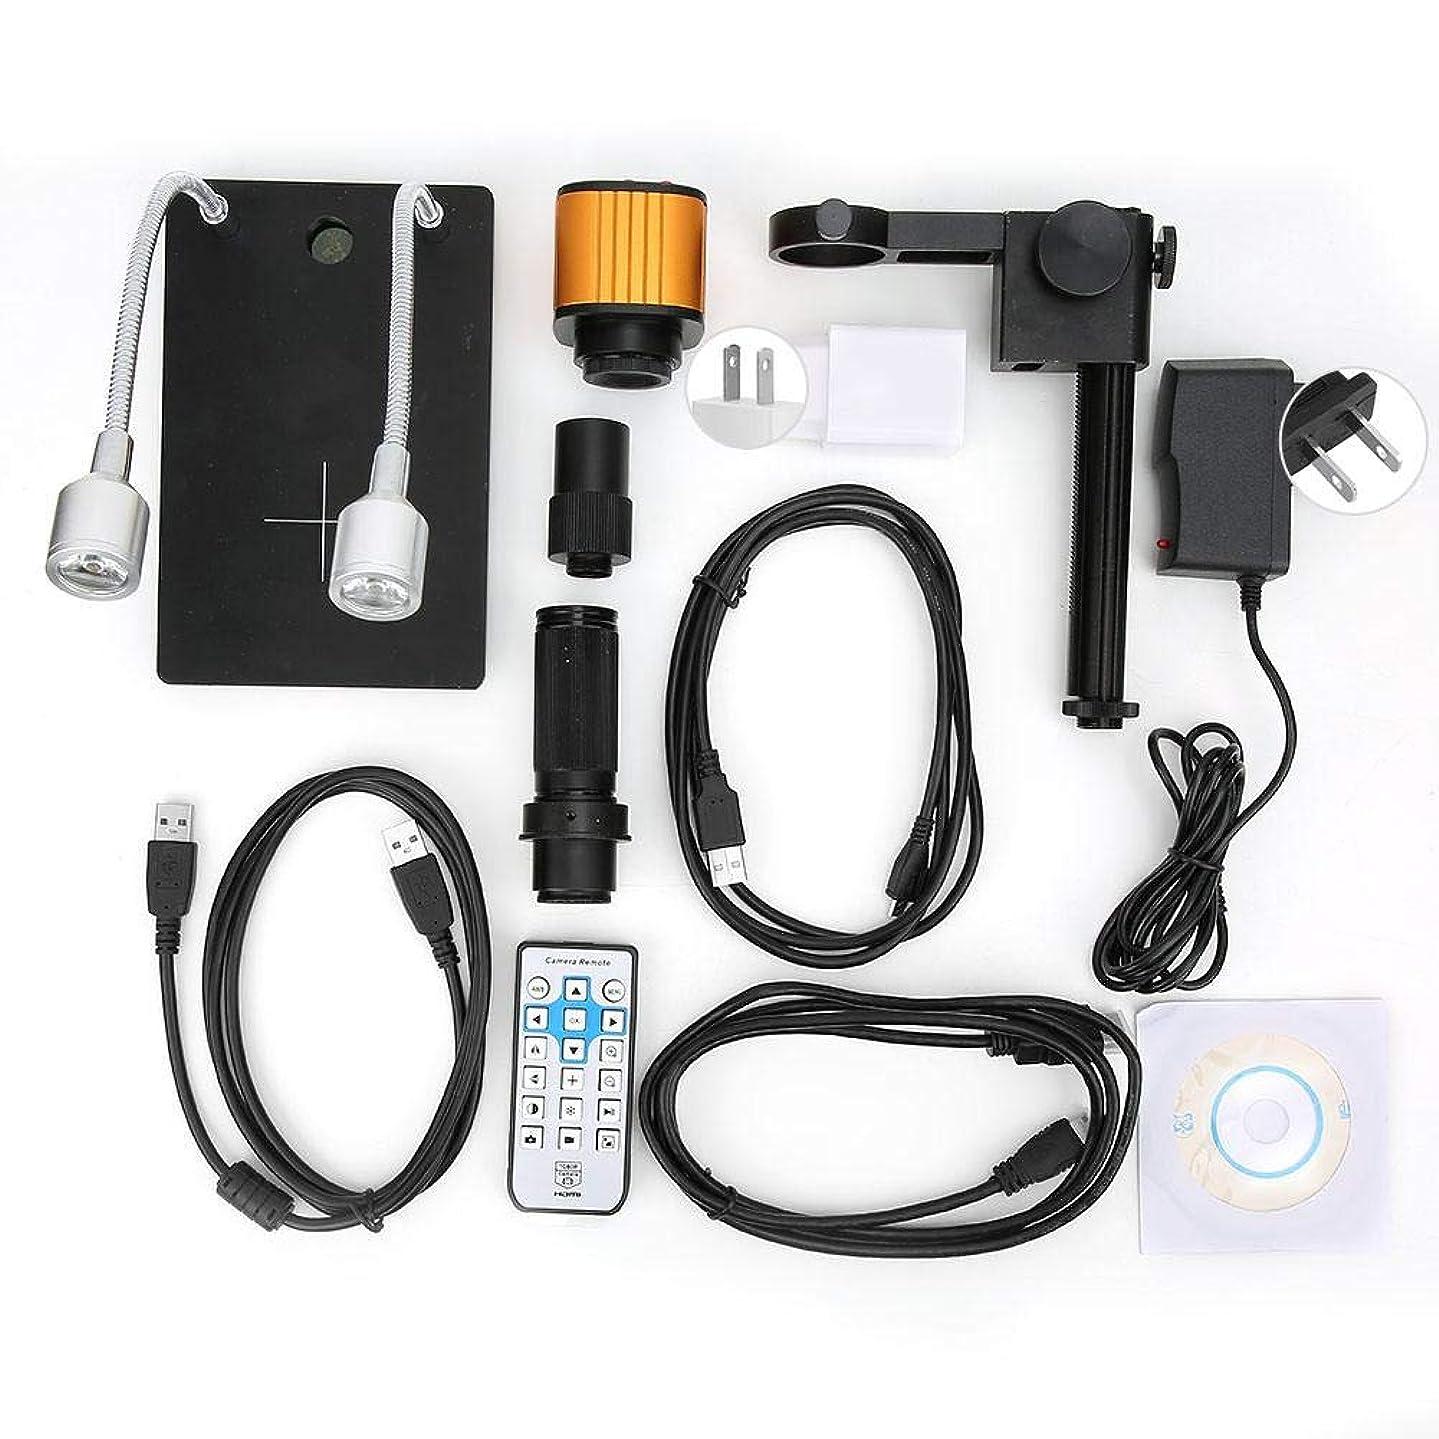 地下室分泌するチェス1080P顕微鏡、100-240V 16MPフルハイビジョン1080P HDMI USB工業用顕微鏡カメラ(US)